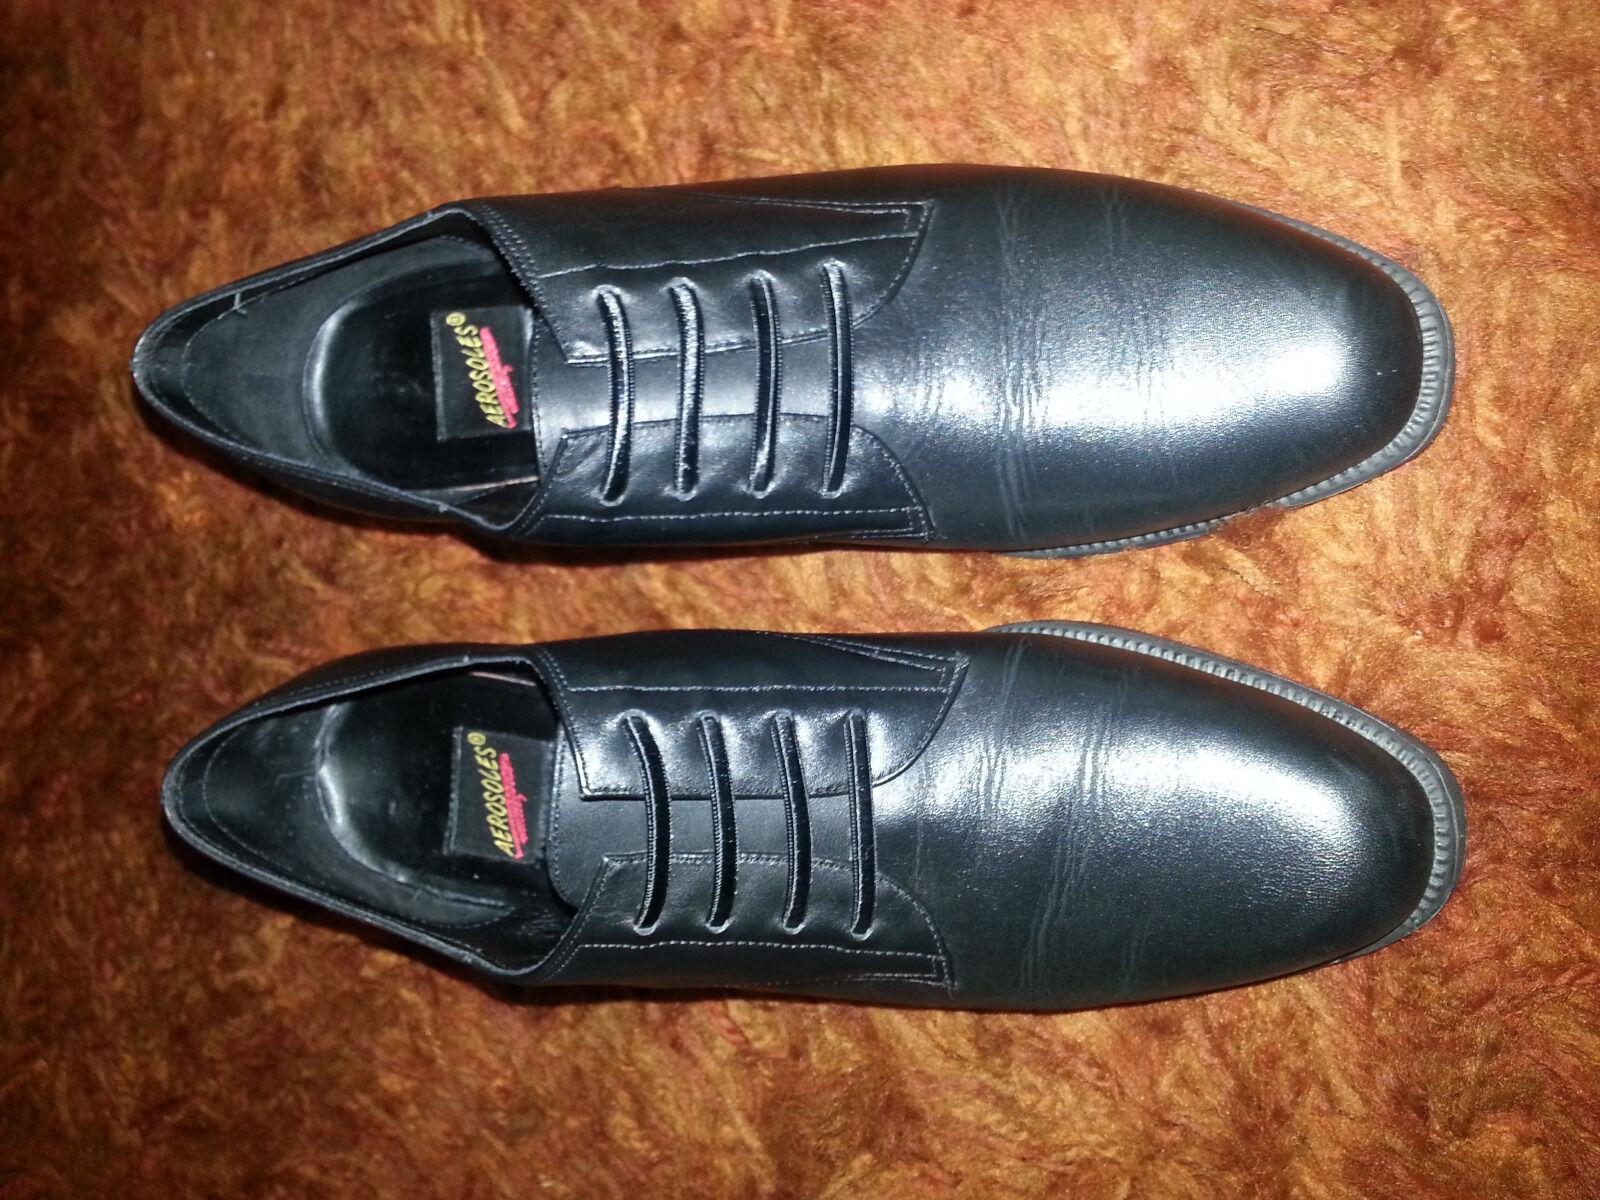 Aerosoles Mujer Mujer Mujer Zapatos Heely um en Cuero Negro entrega gratuita de 9B  clásico atemporal